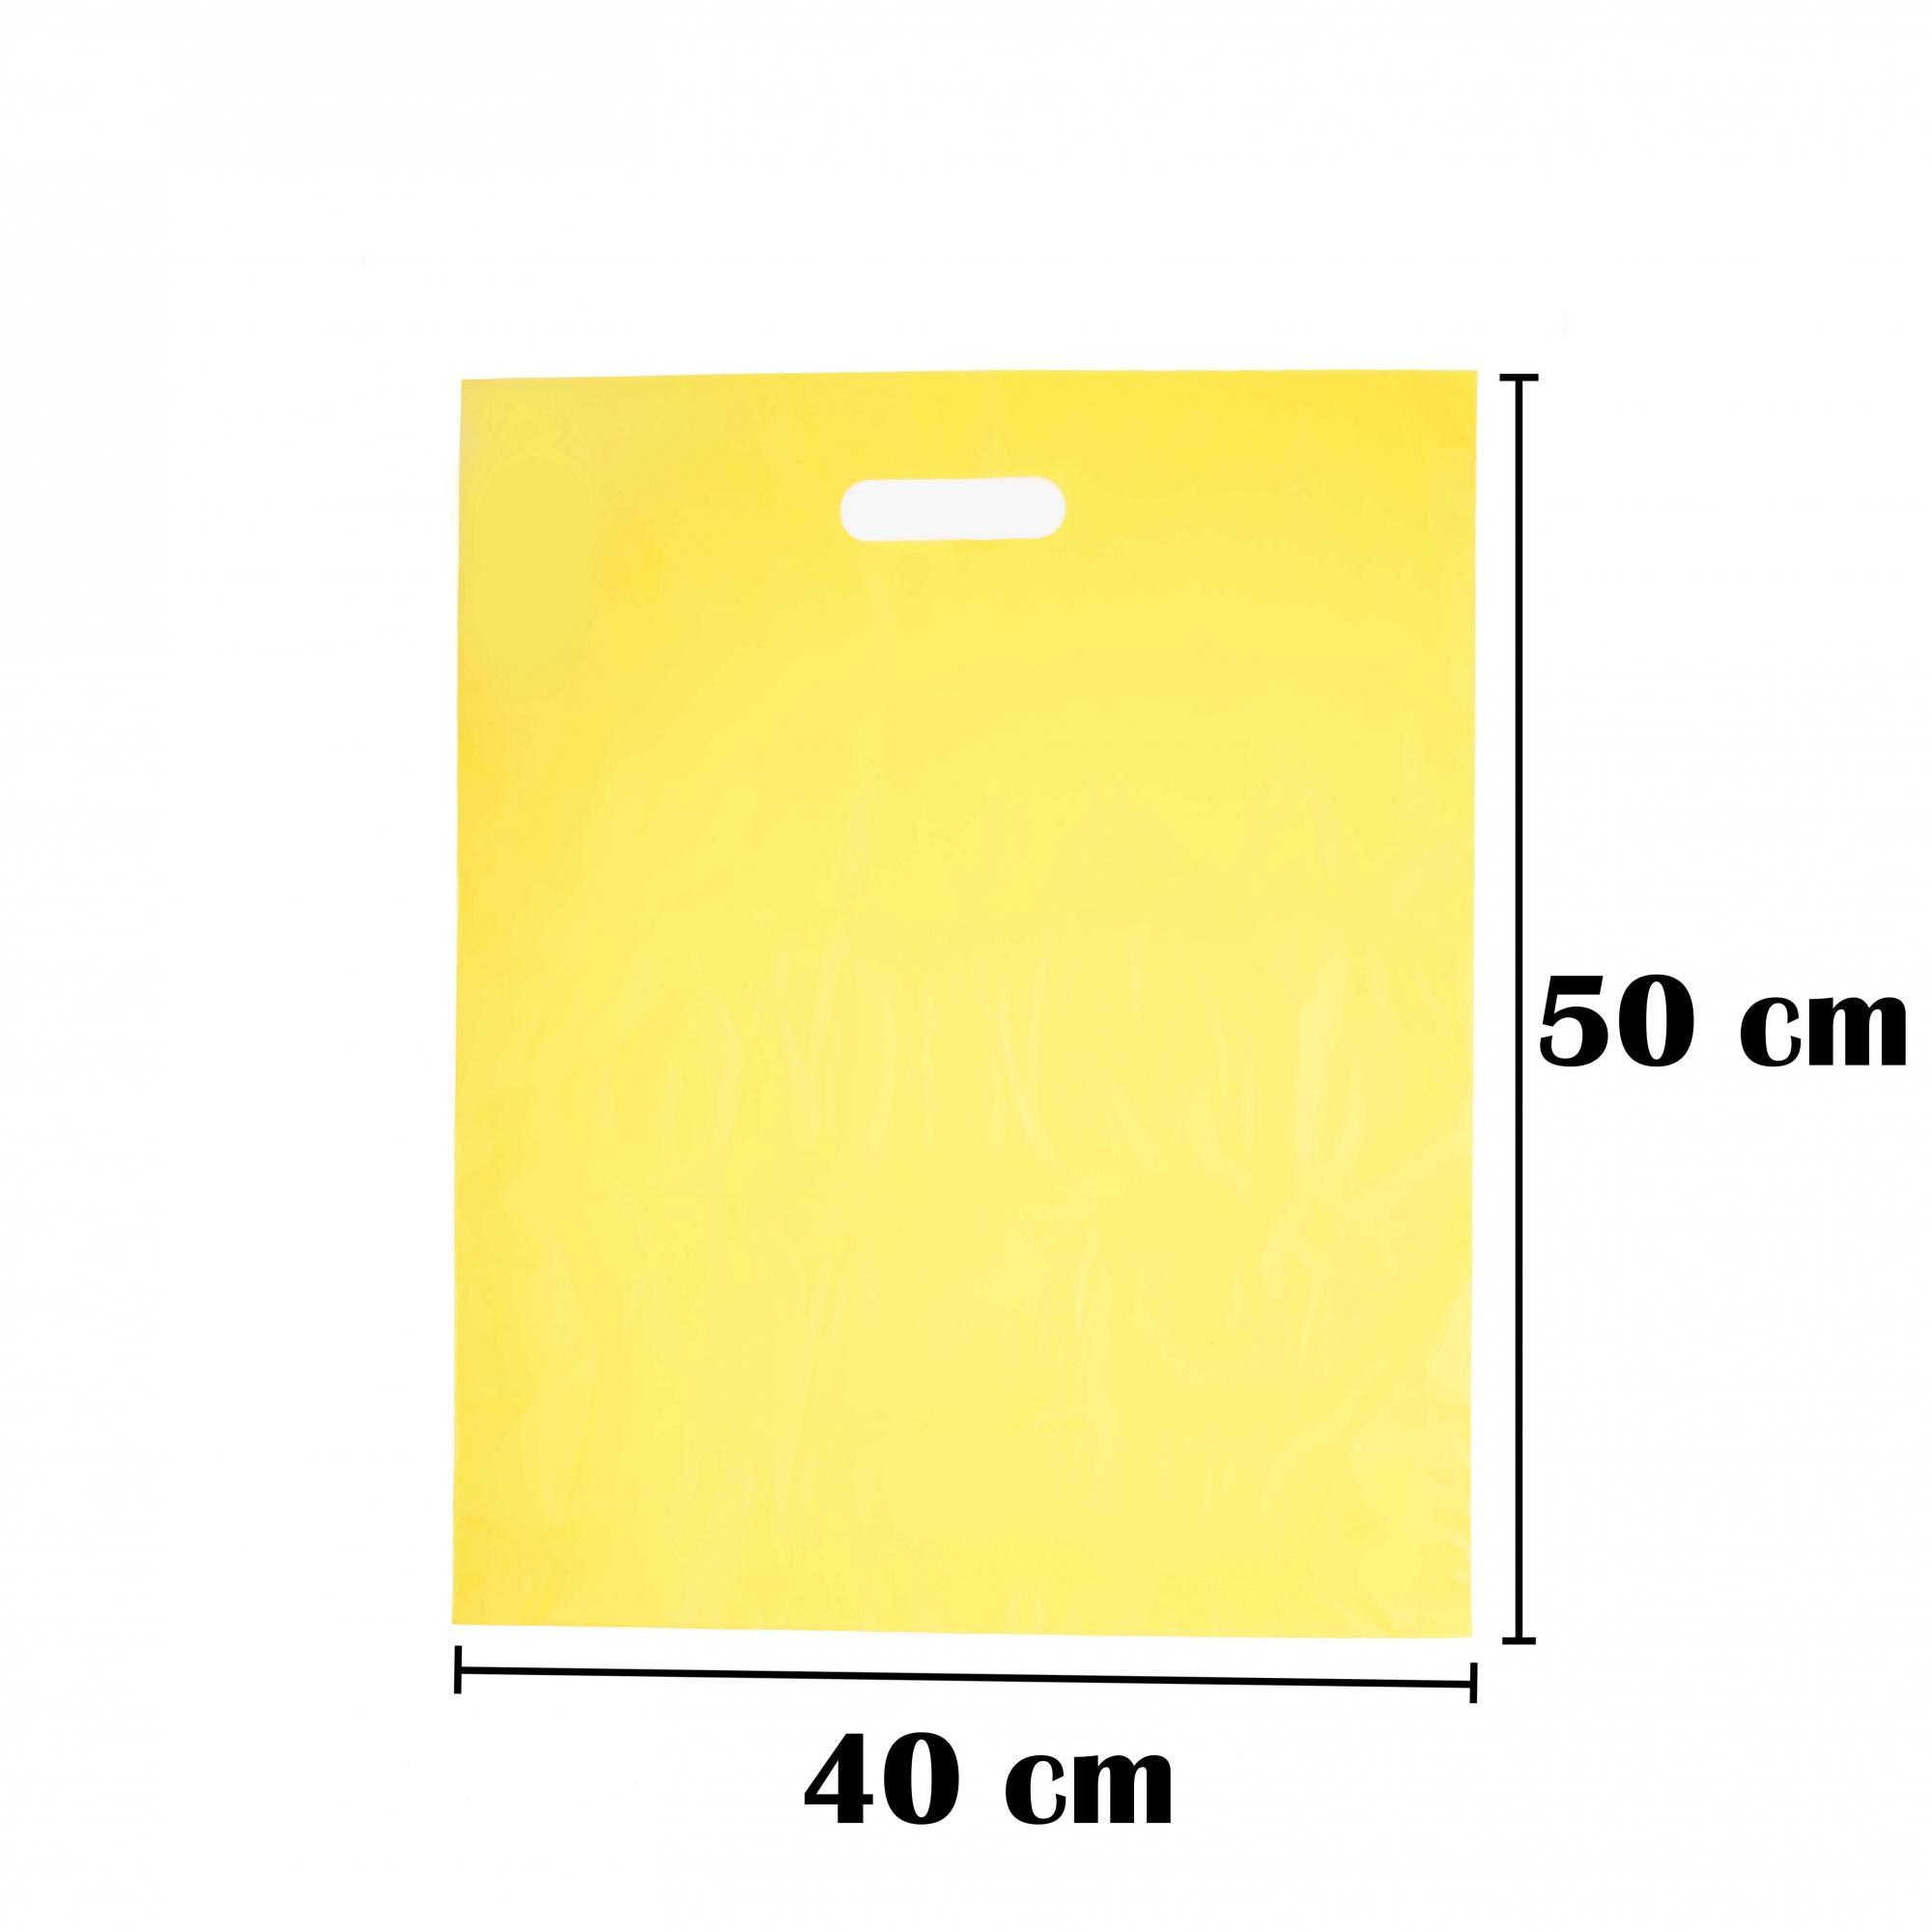 Sacola Plástica 40x50 Amarela Alça Boca de Palhaço 500 Unidades